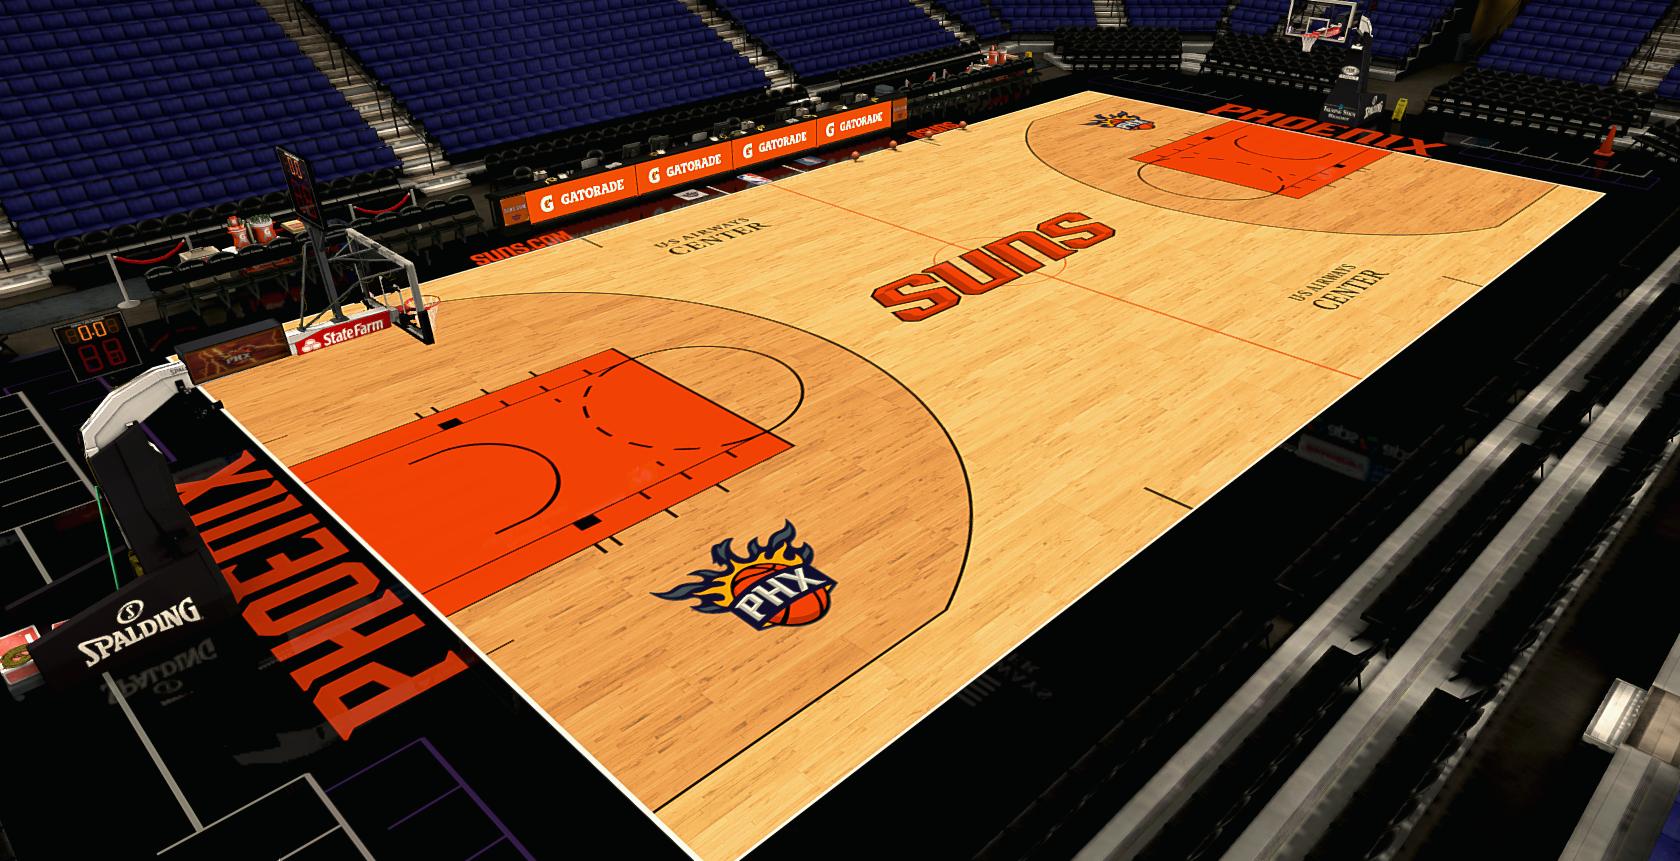 Phoenix Suns Professional Basketball